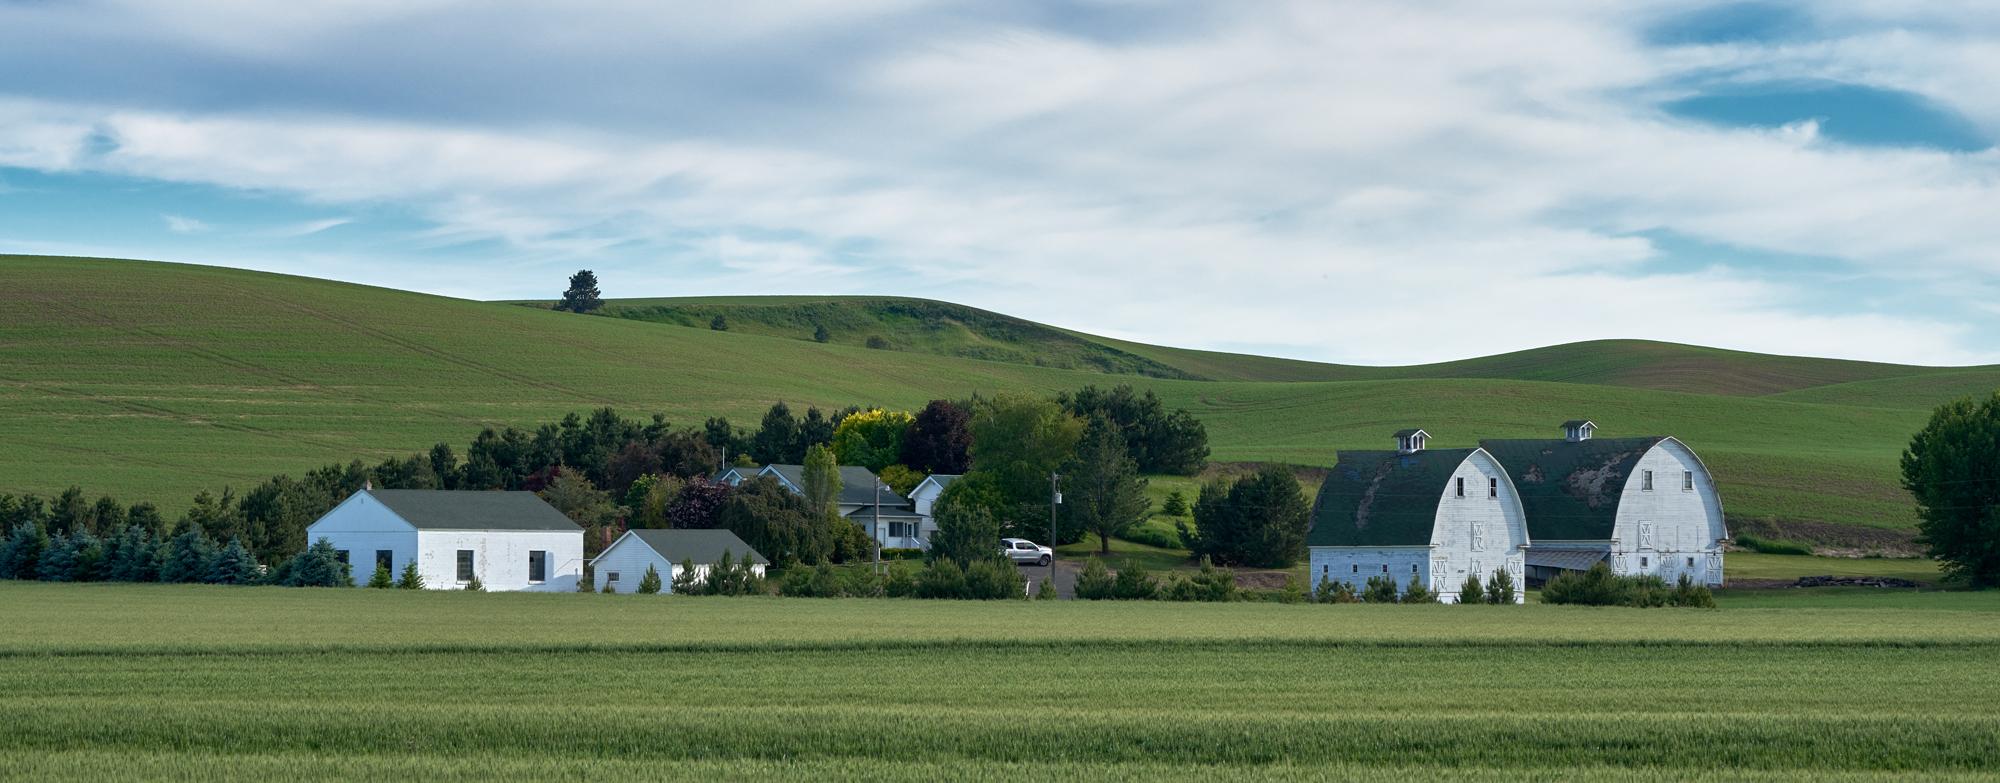 The Twin White barns farm